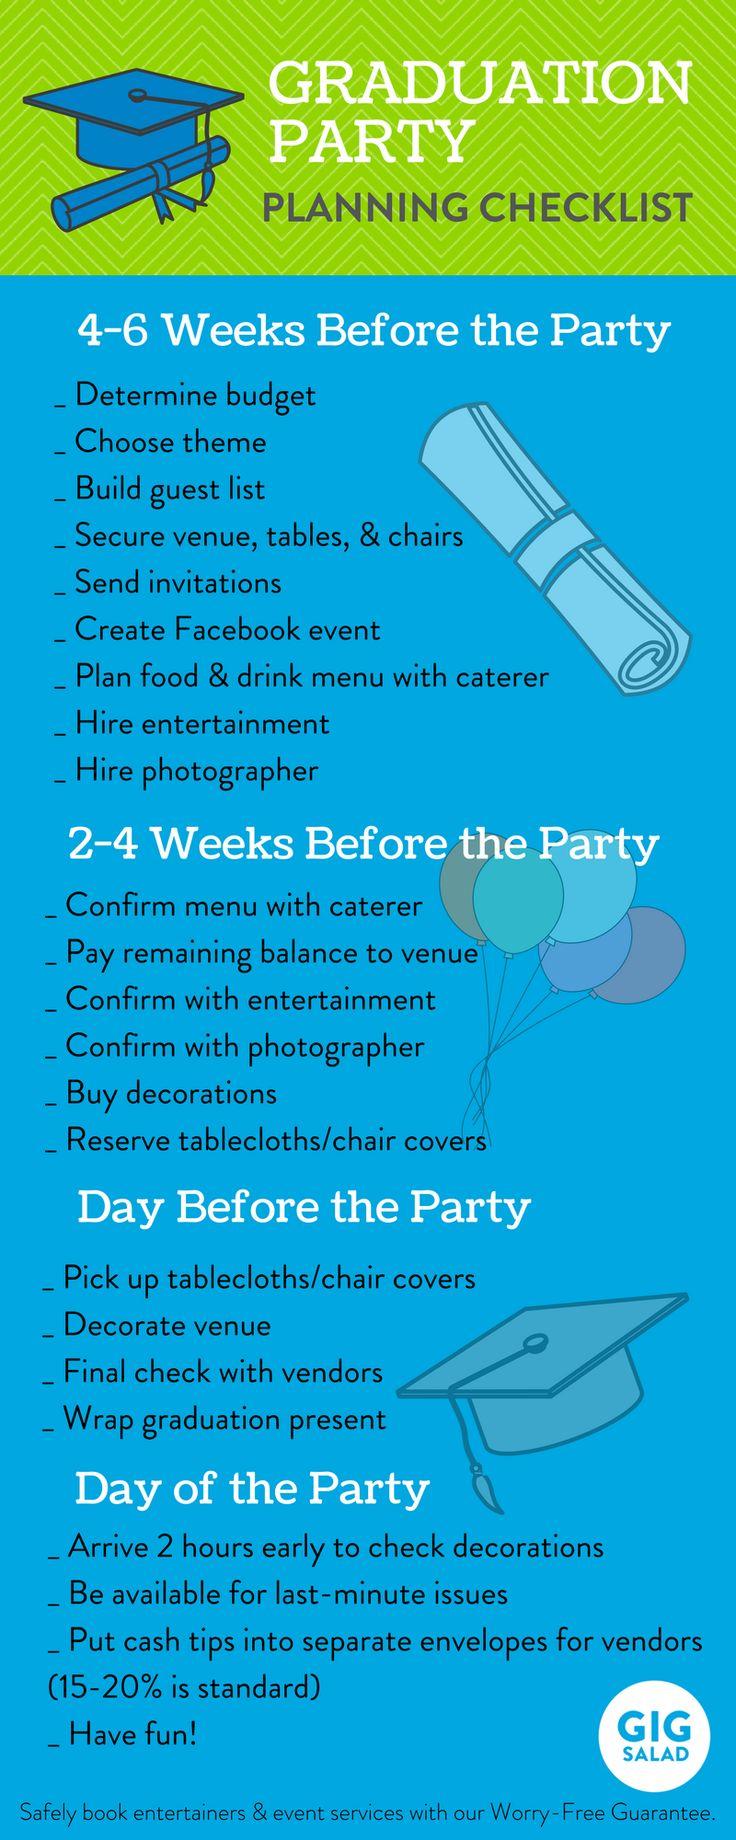 Planning a party for your favorite grad? This graduation party checklist is perfect!  Lista de preparativos para la graduación...